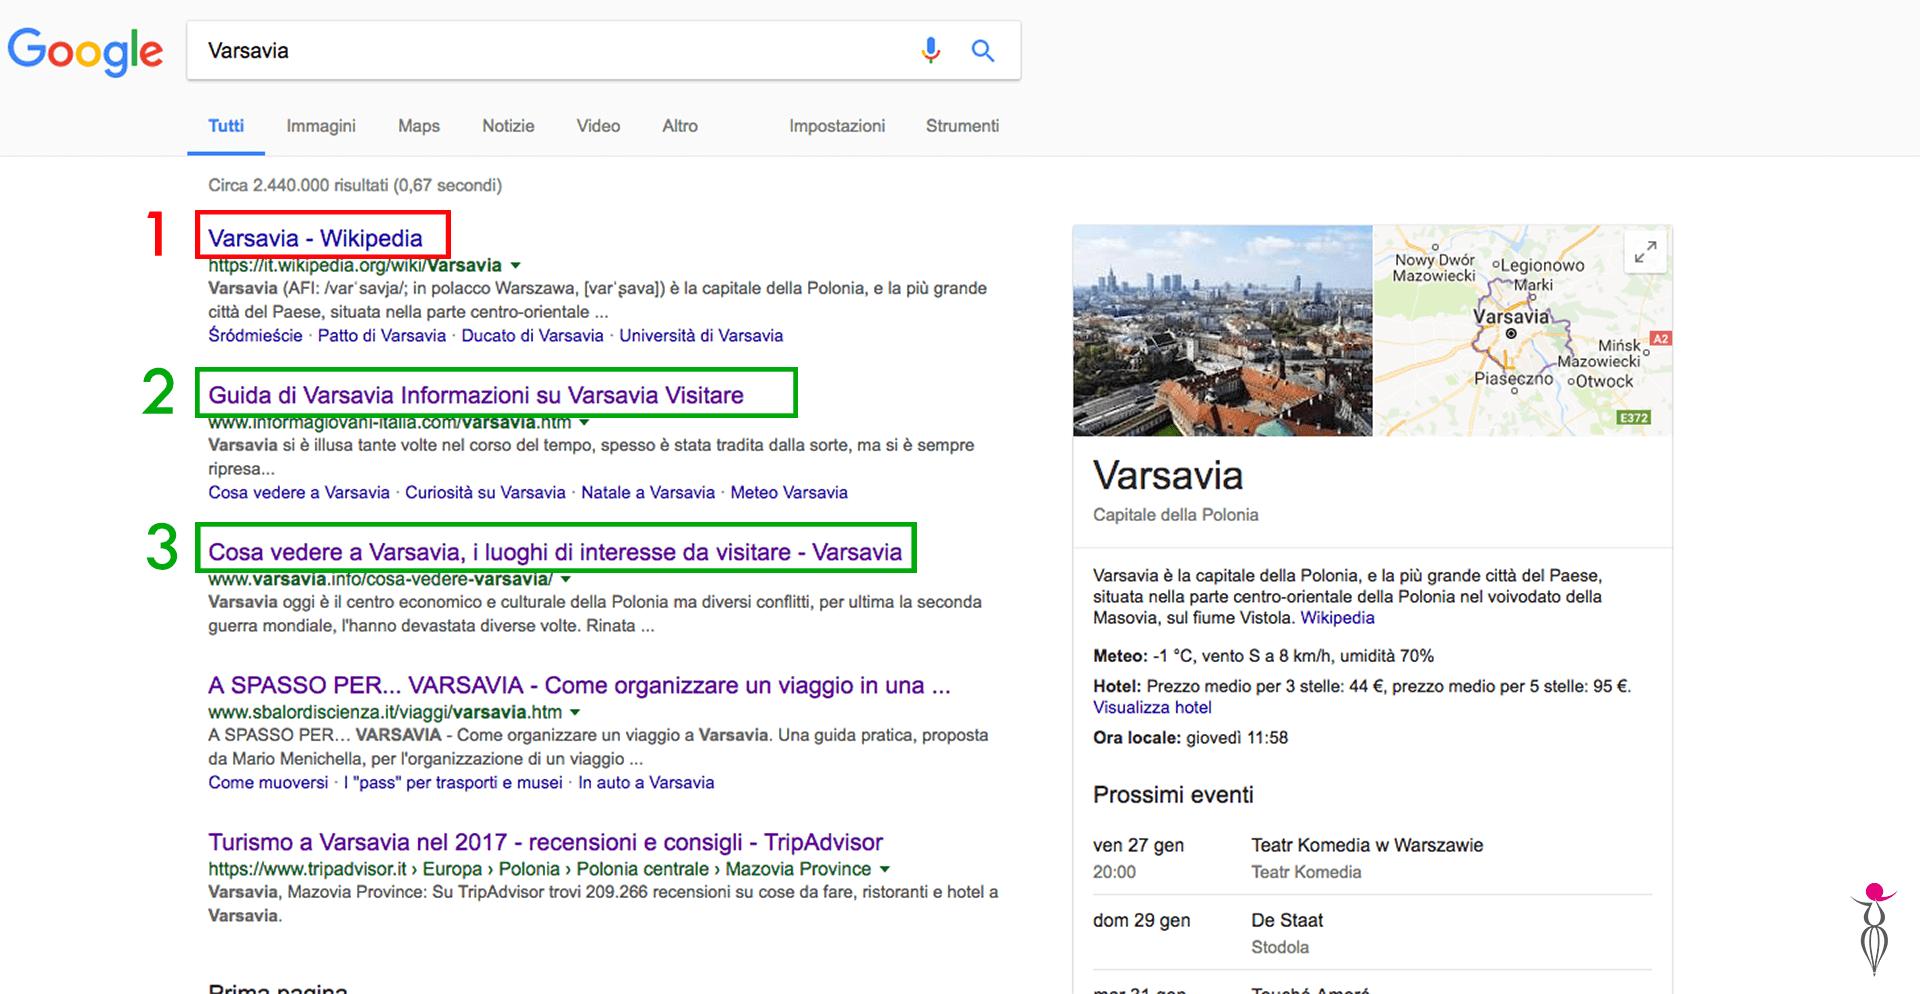 Ricerca Google_Analisi SERP